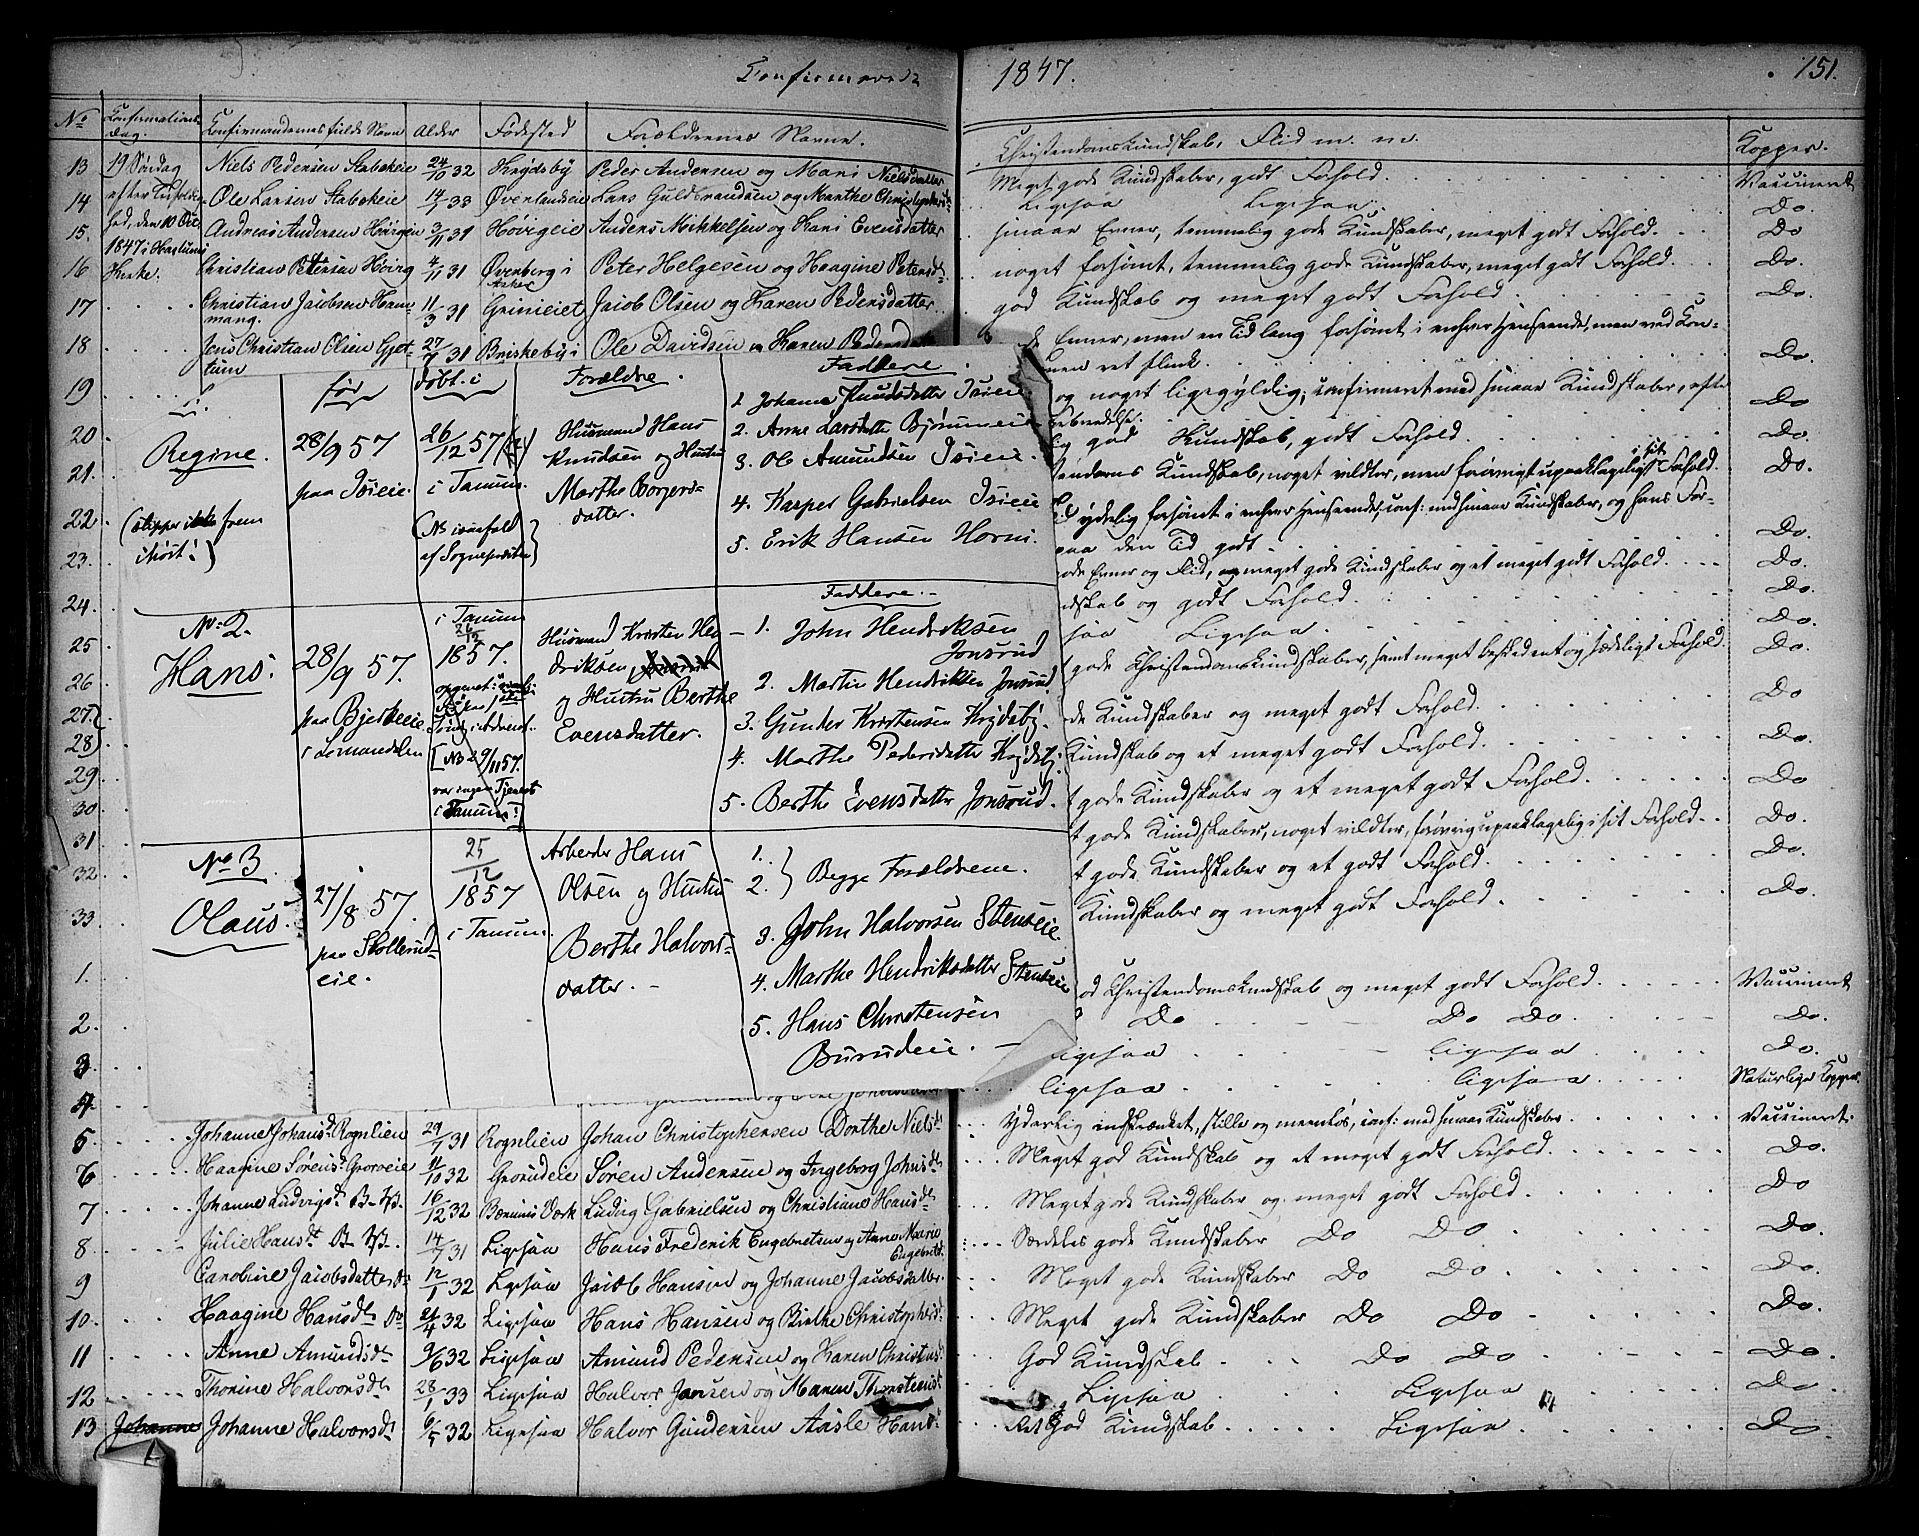 SAO, Asker prestekontor Kirkebøker, F/Fa/L0009: Ministerialbok nr. I 9, 1825-1878, s. 151